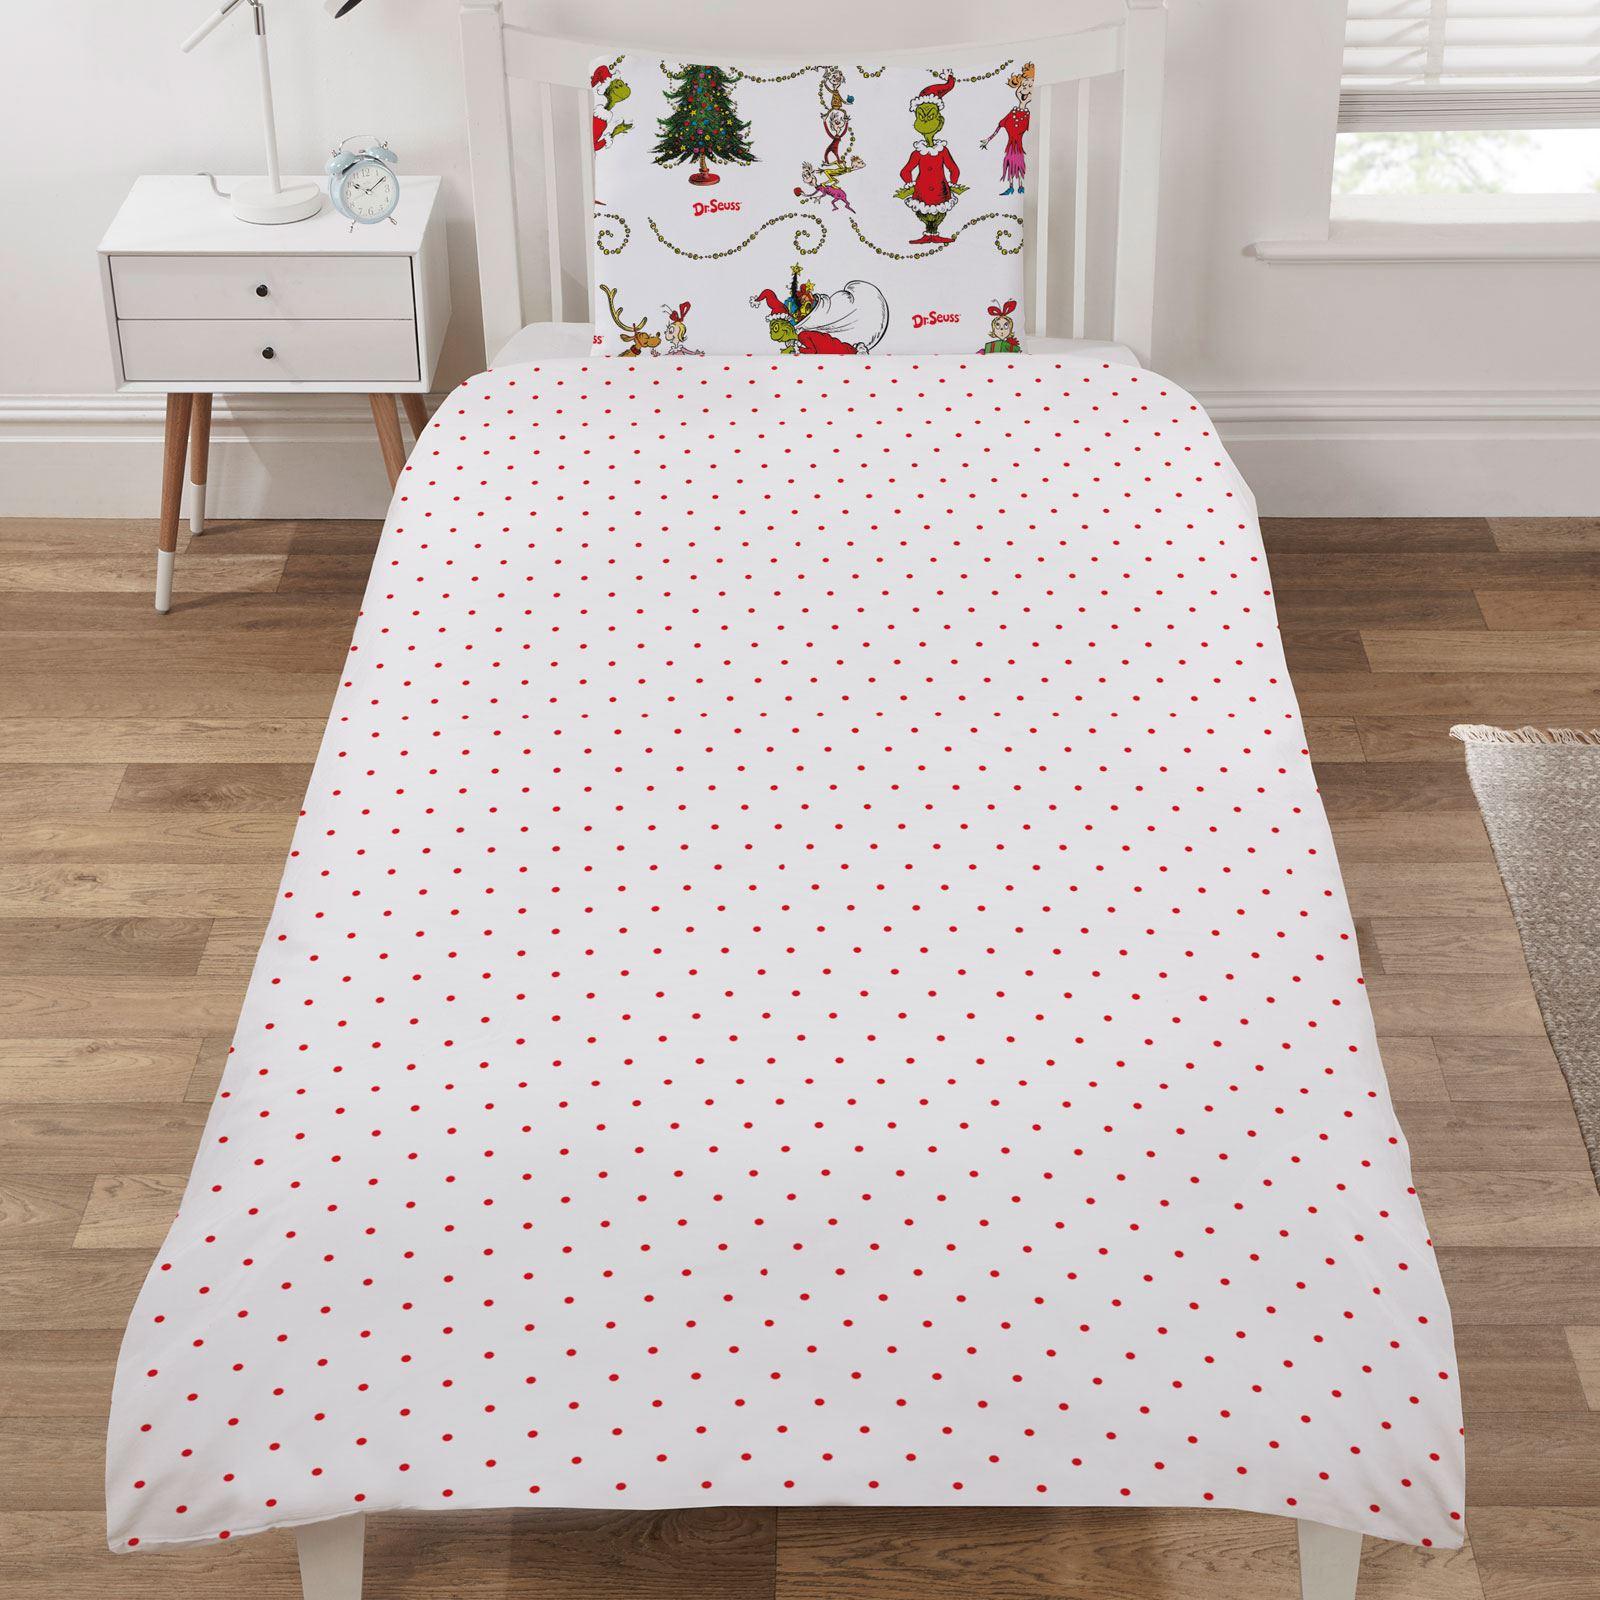 Indexbild 92 - Kinder Weihnachten Bettbezug Sets - Junior Einzel Doppel King - Elf Emoji Grinch